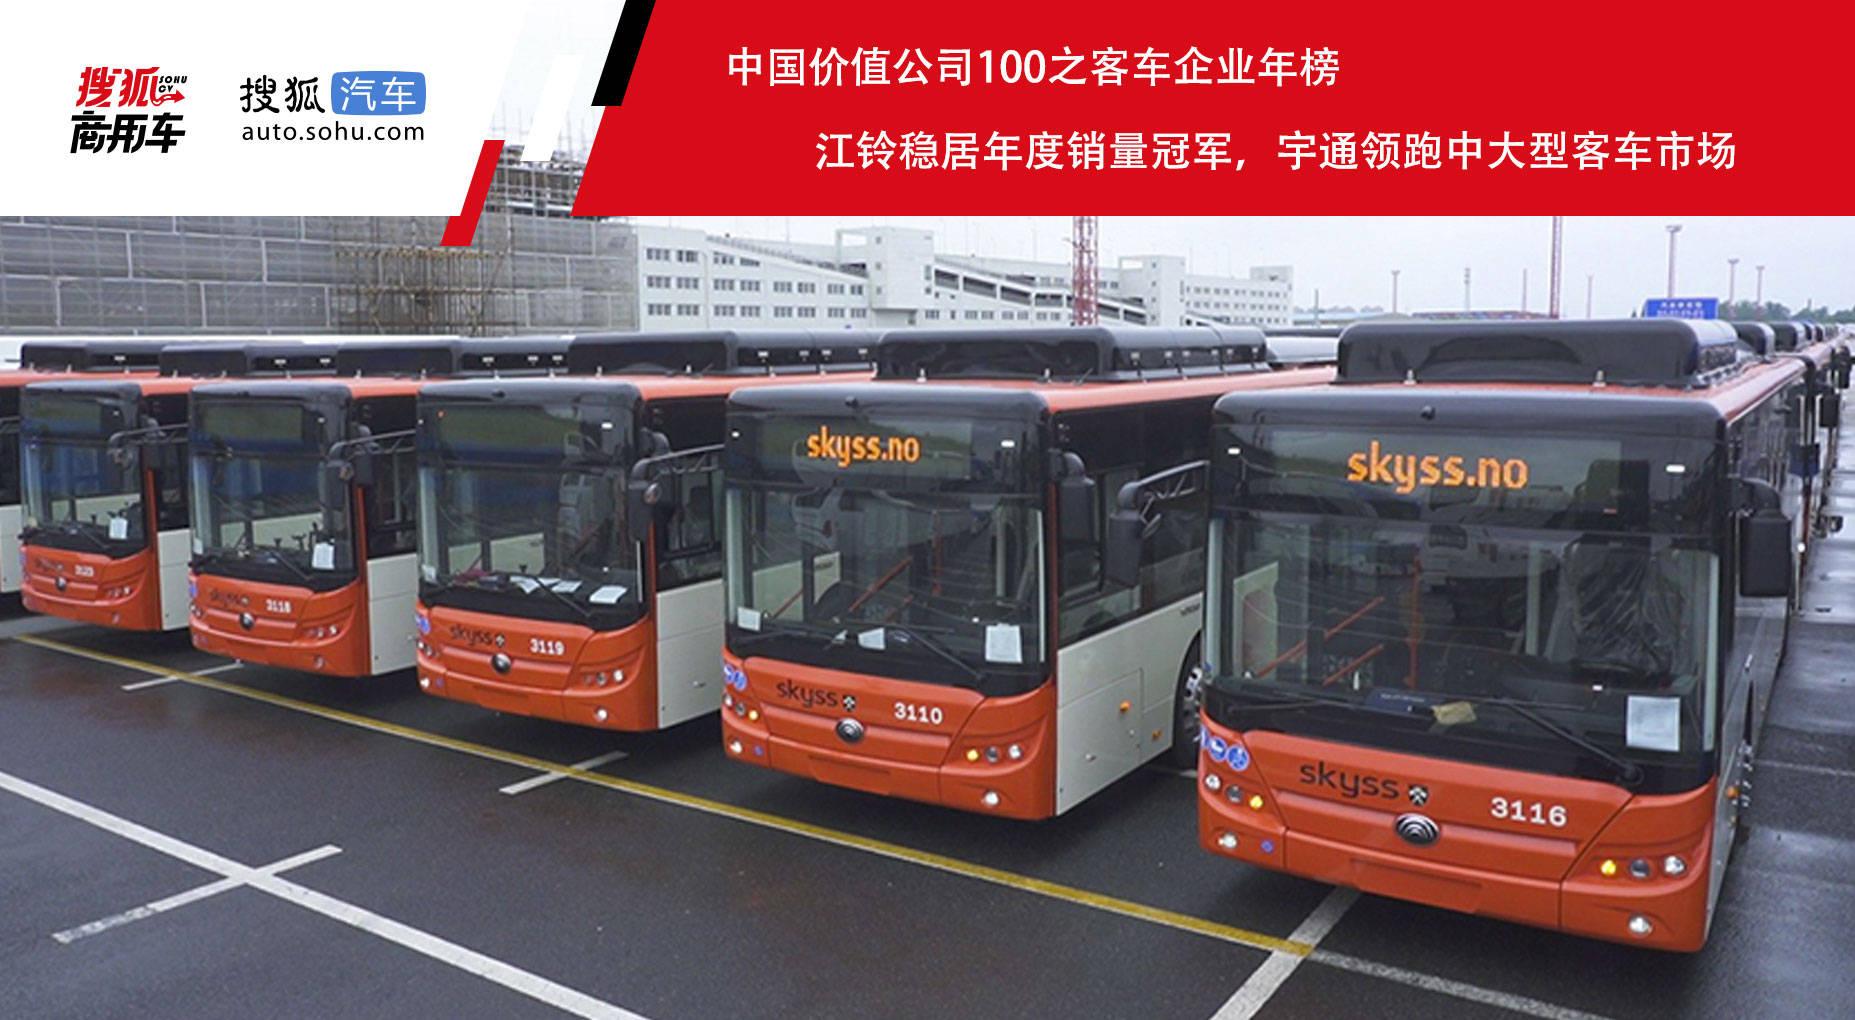 原值公司100家公交公司年度榜单|江铃是年度销售冠军,宇通引领大中型公交市场